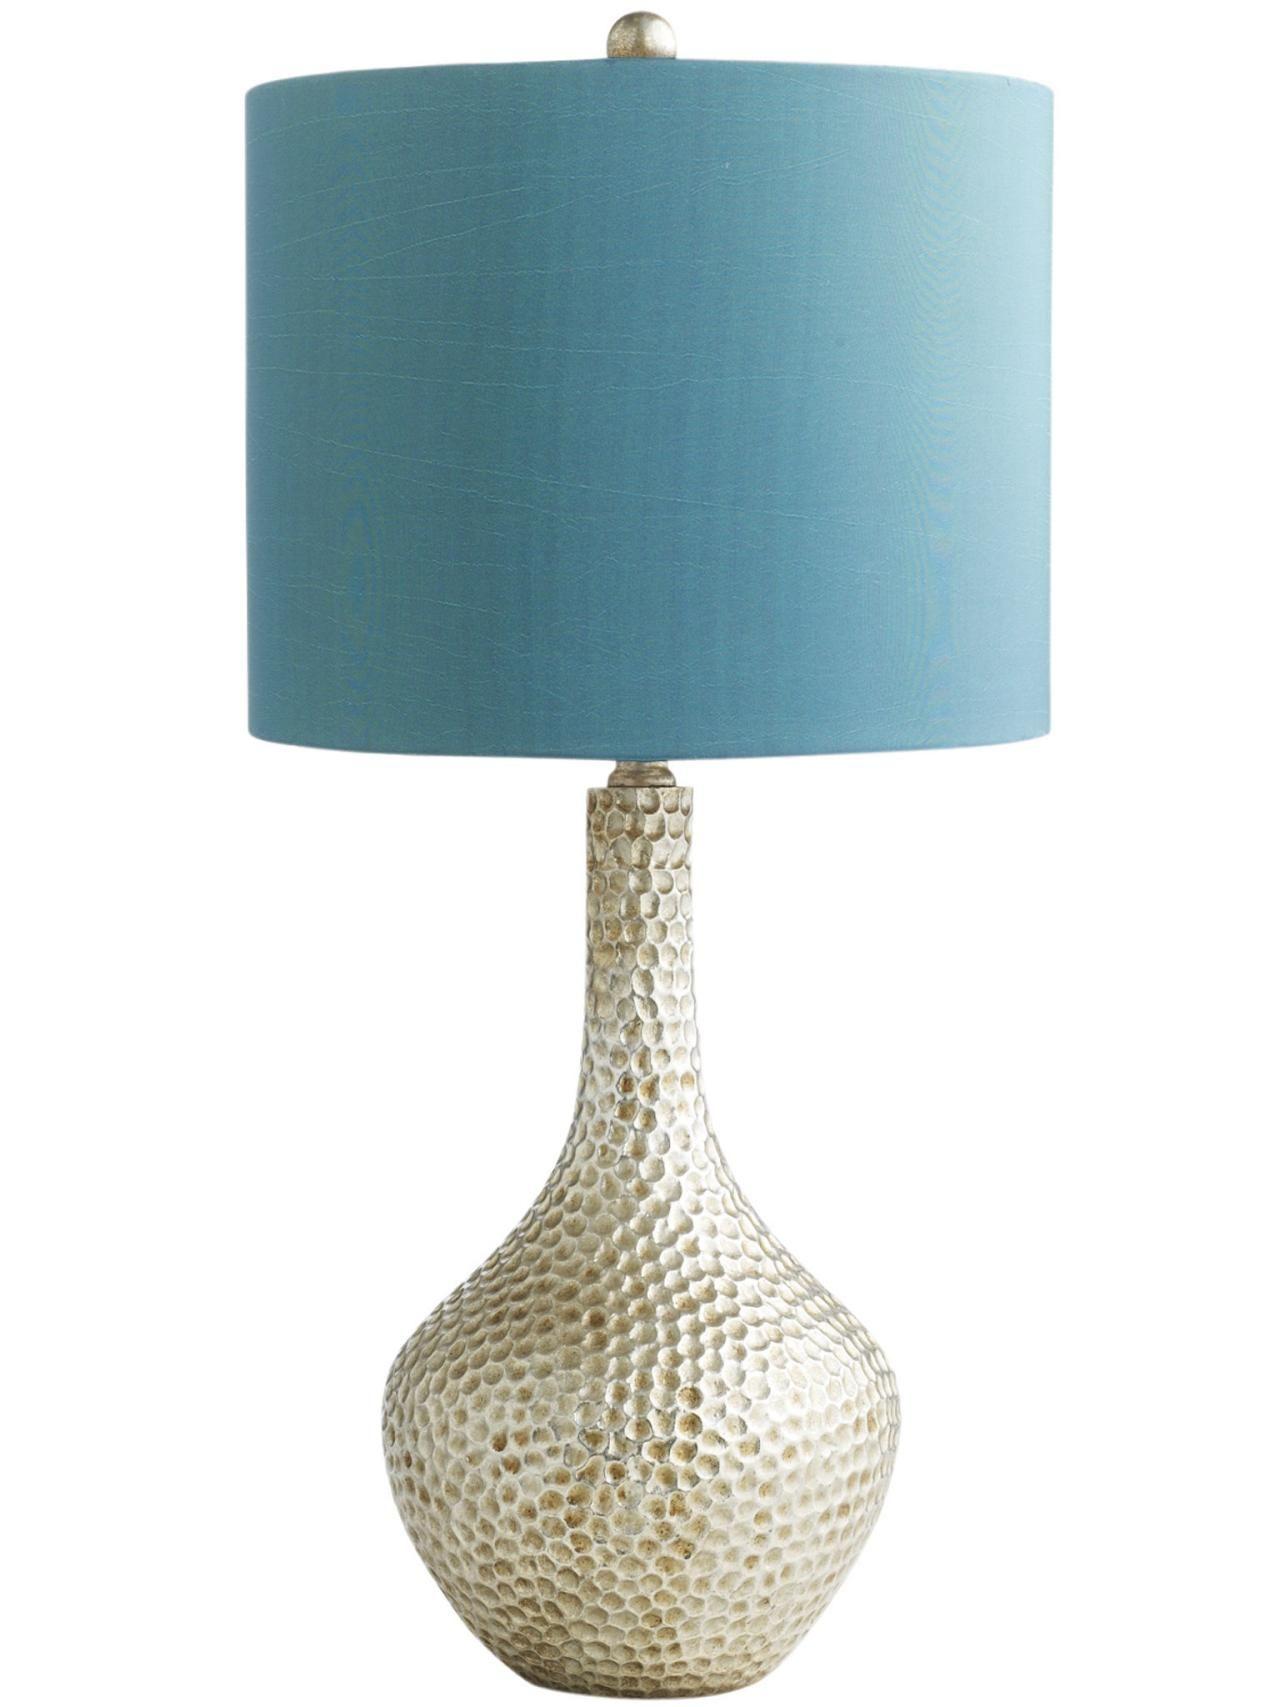 Glas Nachttischlampen Billigen Tisch Lampen Schwarz Und Grau Tisch